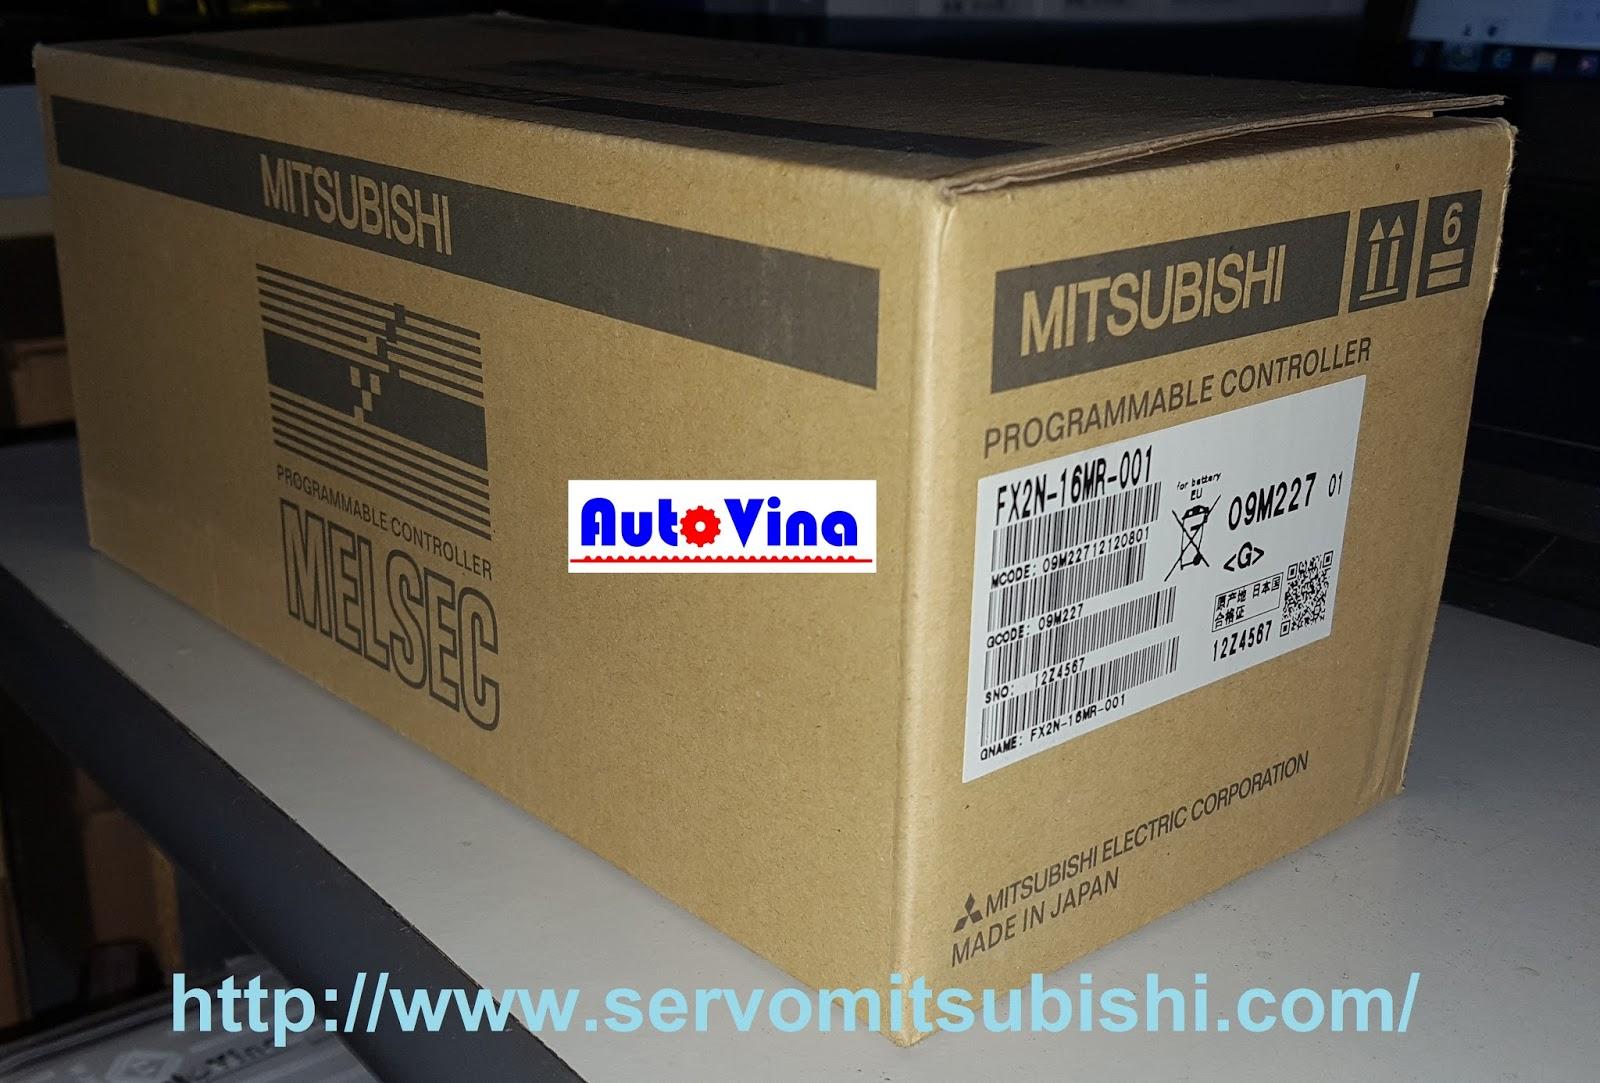 Vỏ hộp PLC Mitsubishi FX2N-16MR-001 hàng new full box